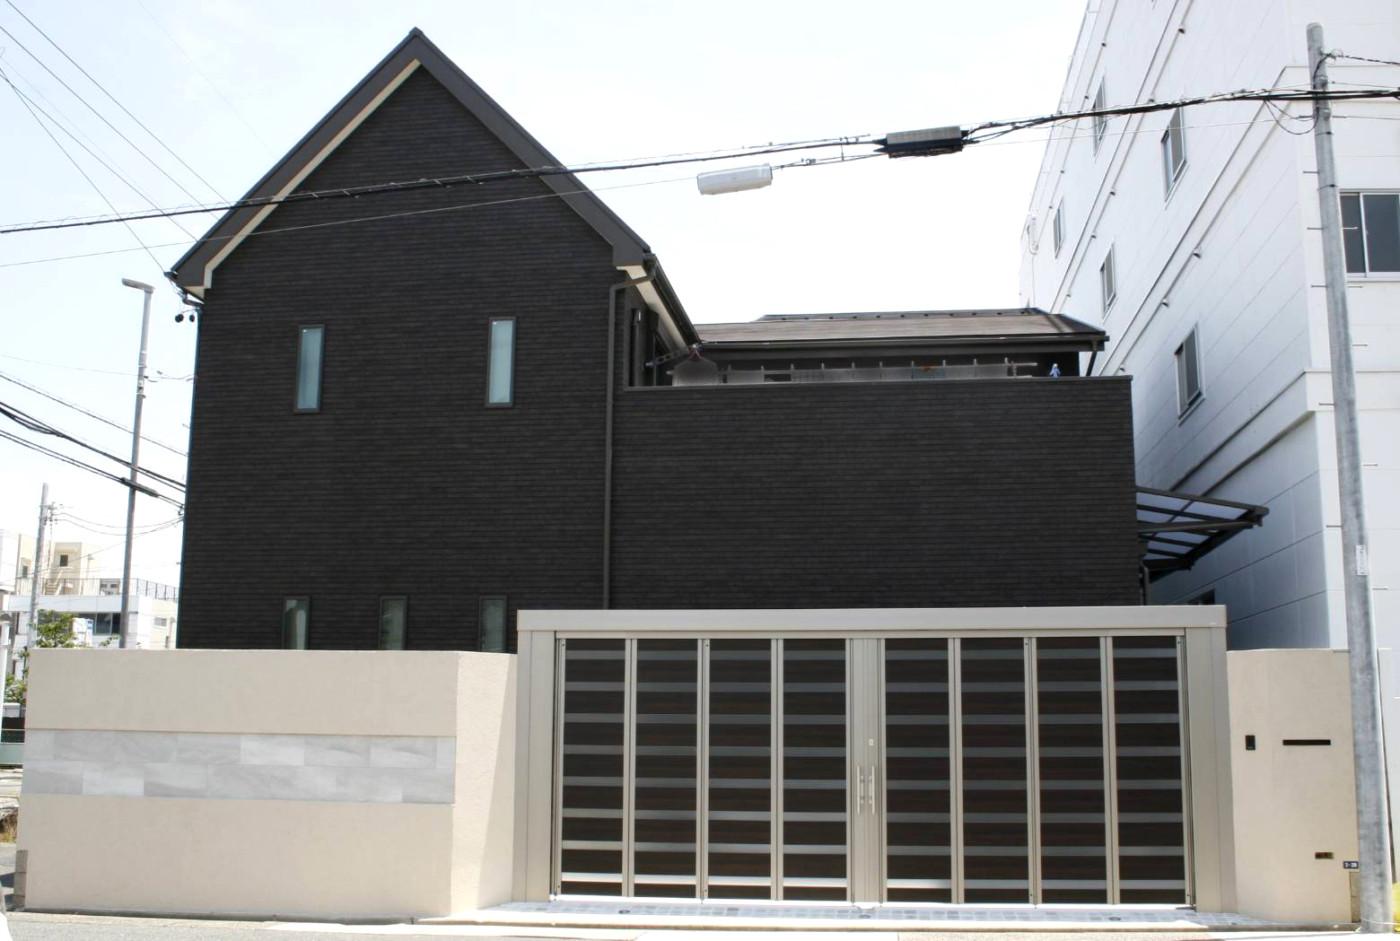 愛知県 SHIN Living union 株式会社 伸興業 グランドアートウォール施工イメージ3023_01